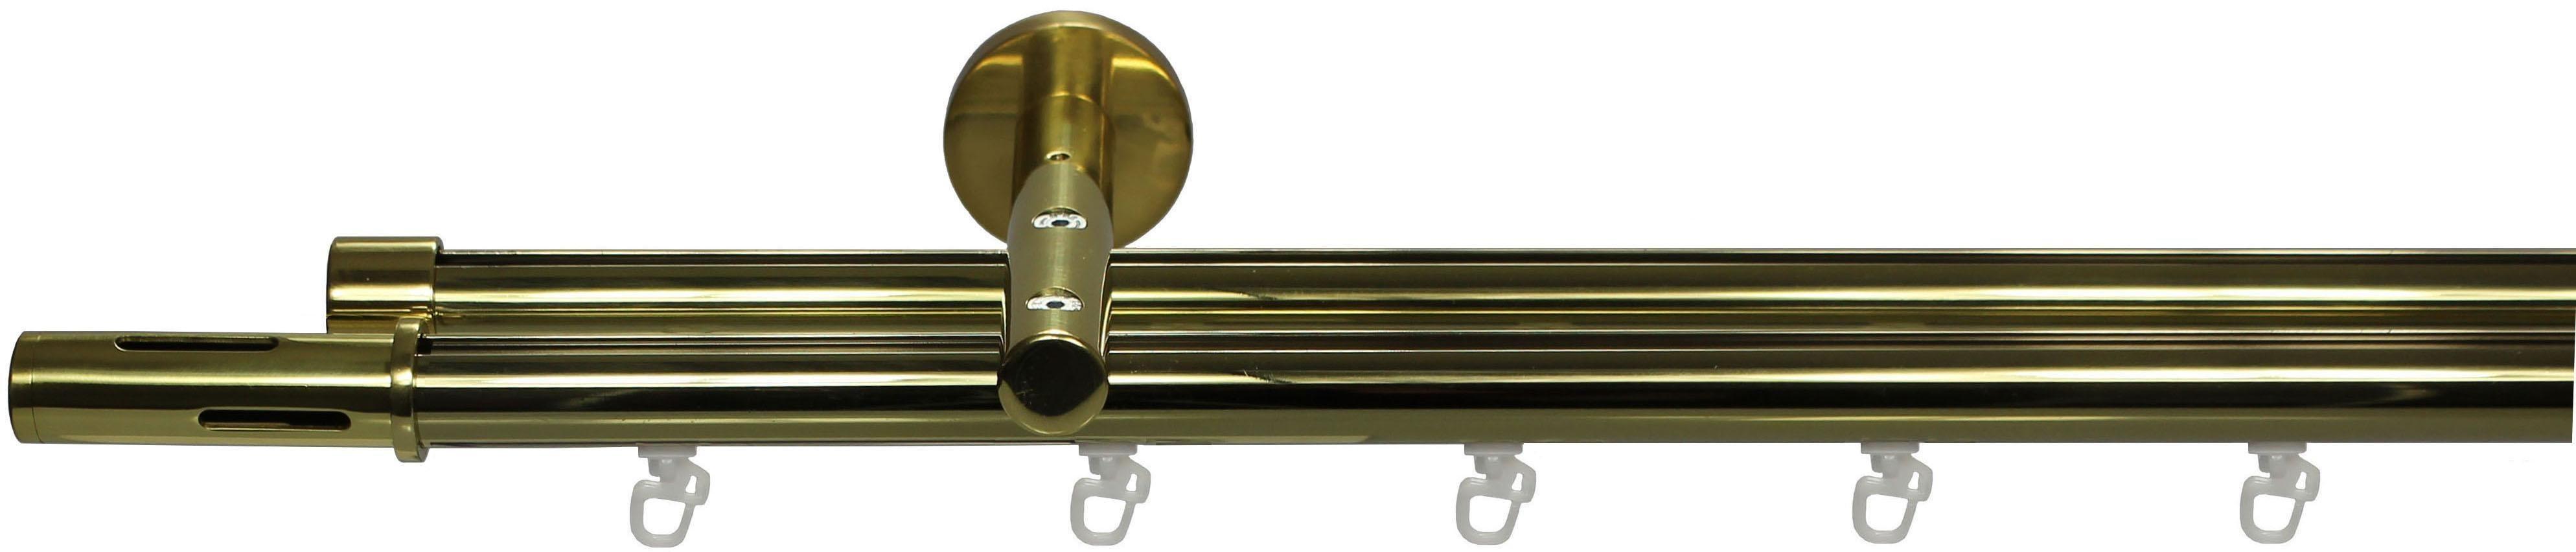 Gardinenstange, Garesa, »Cedrino«, 1- oder 2-läufig nach Maß, ø 20 mm | Heimtextilien > Gardinen und Vorhänge > Gardinenstangen | Aluminium - Edelstahl - Metall | GARESA